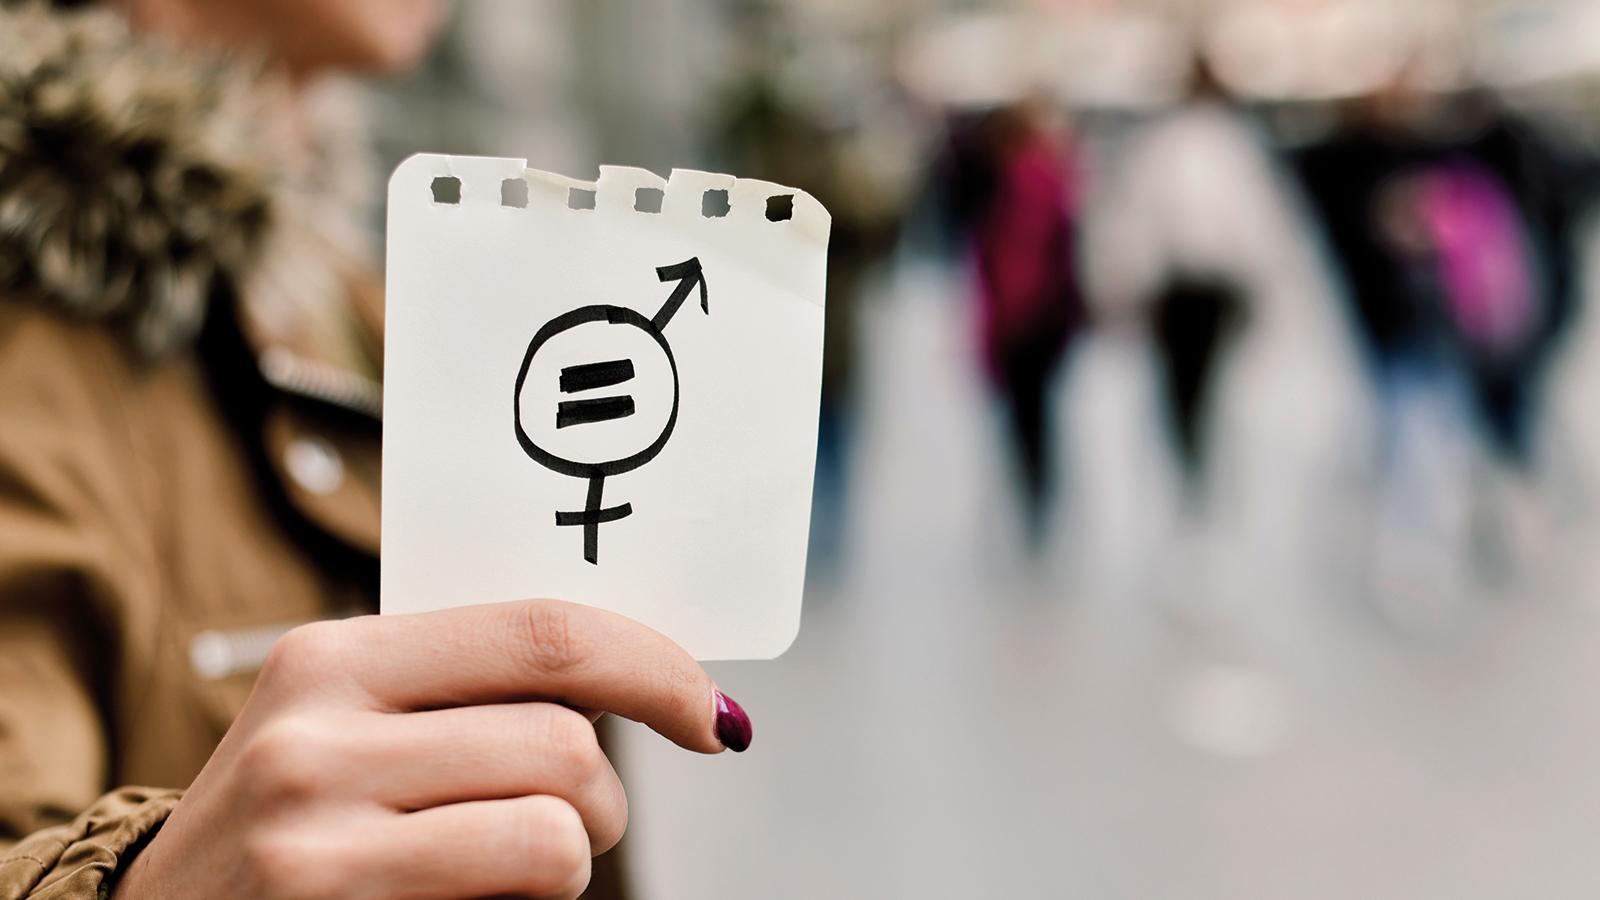 Femme-droits-des-femmes-me-too